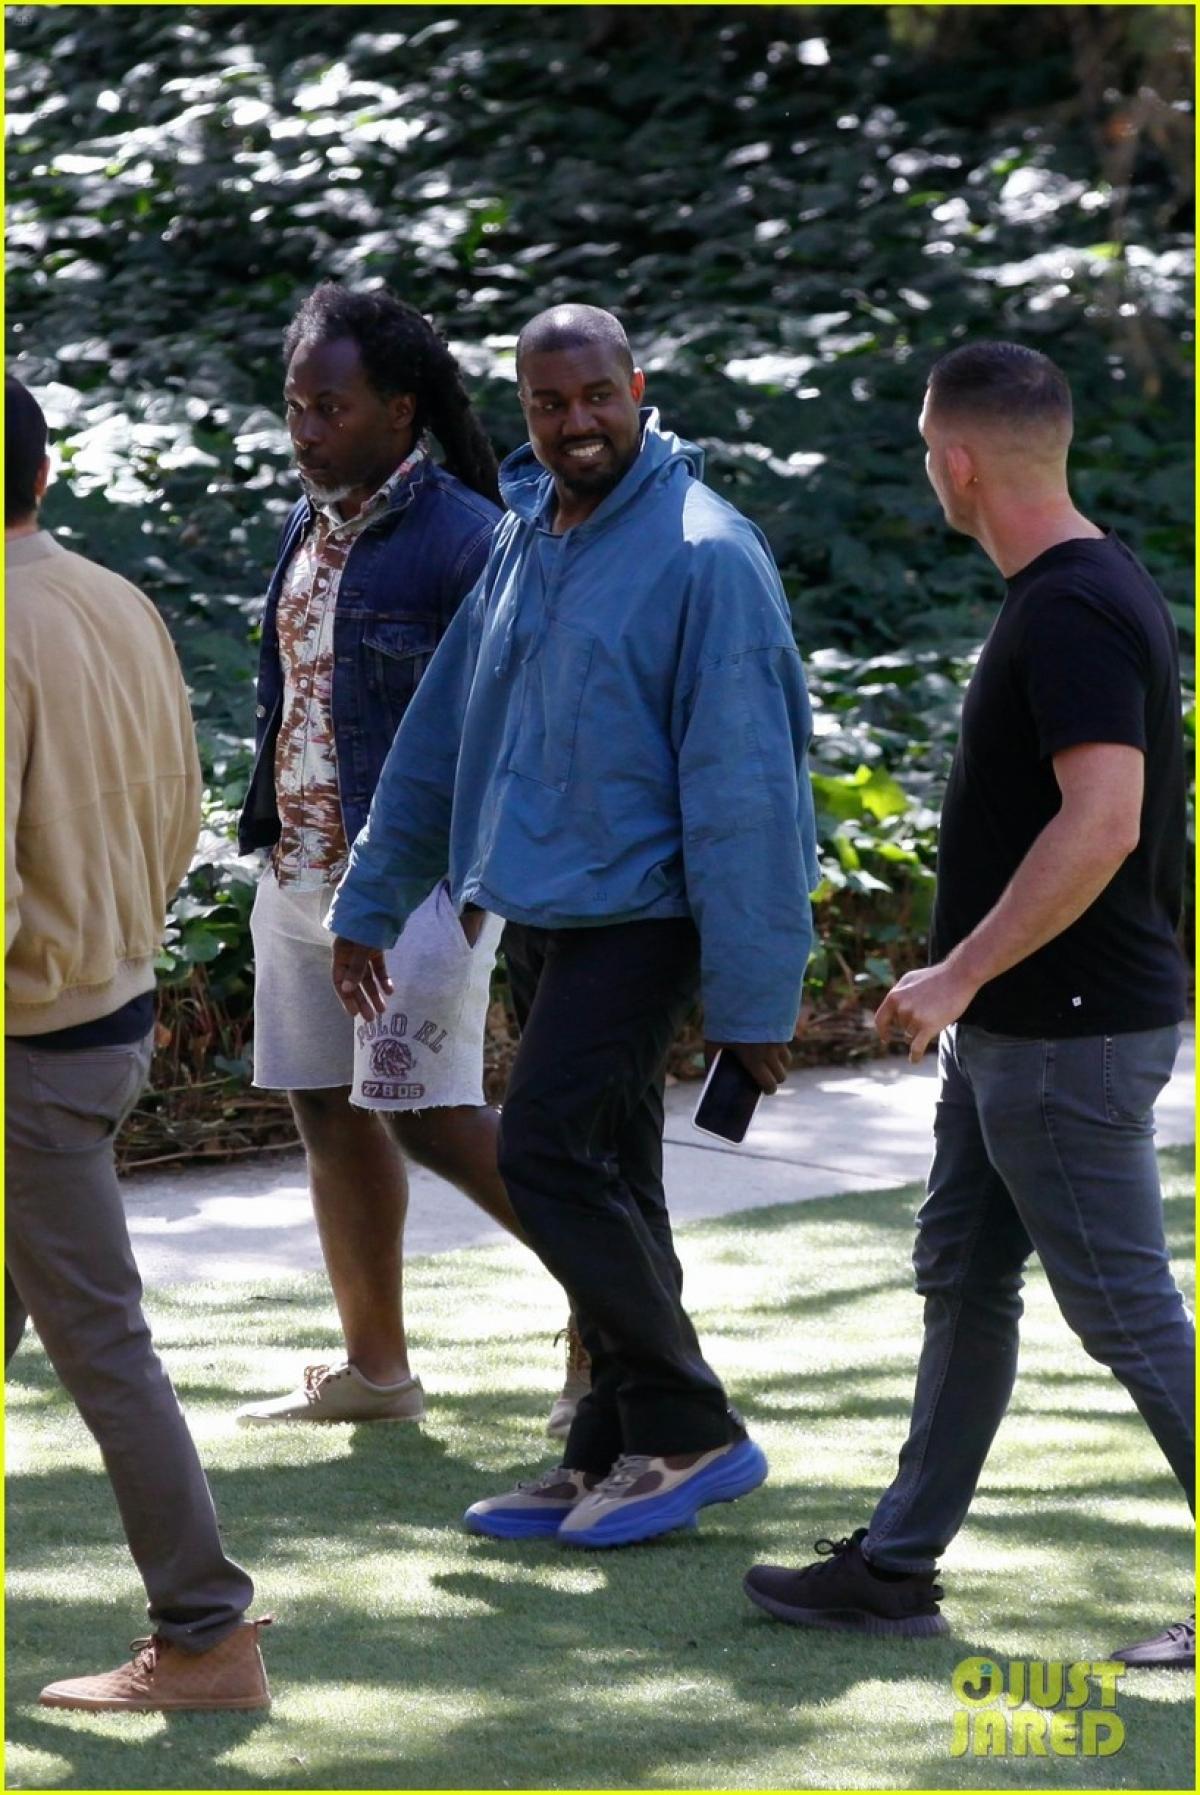 Trong khi đó, Kanye West bị cánh săn ảnh bắt gặp khi đến thăm trang trại Golden Heart ở Malibu, California.